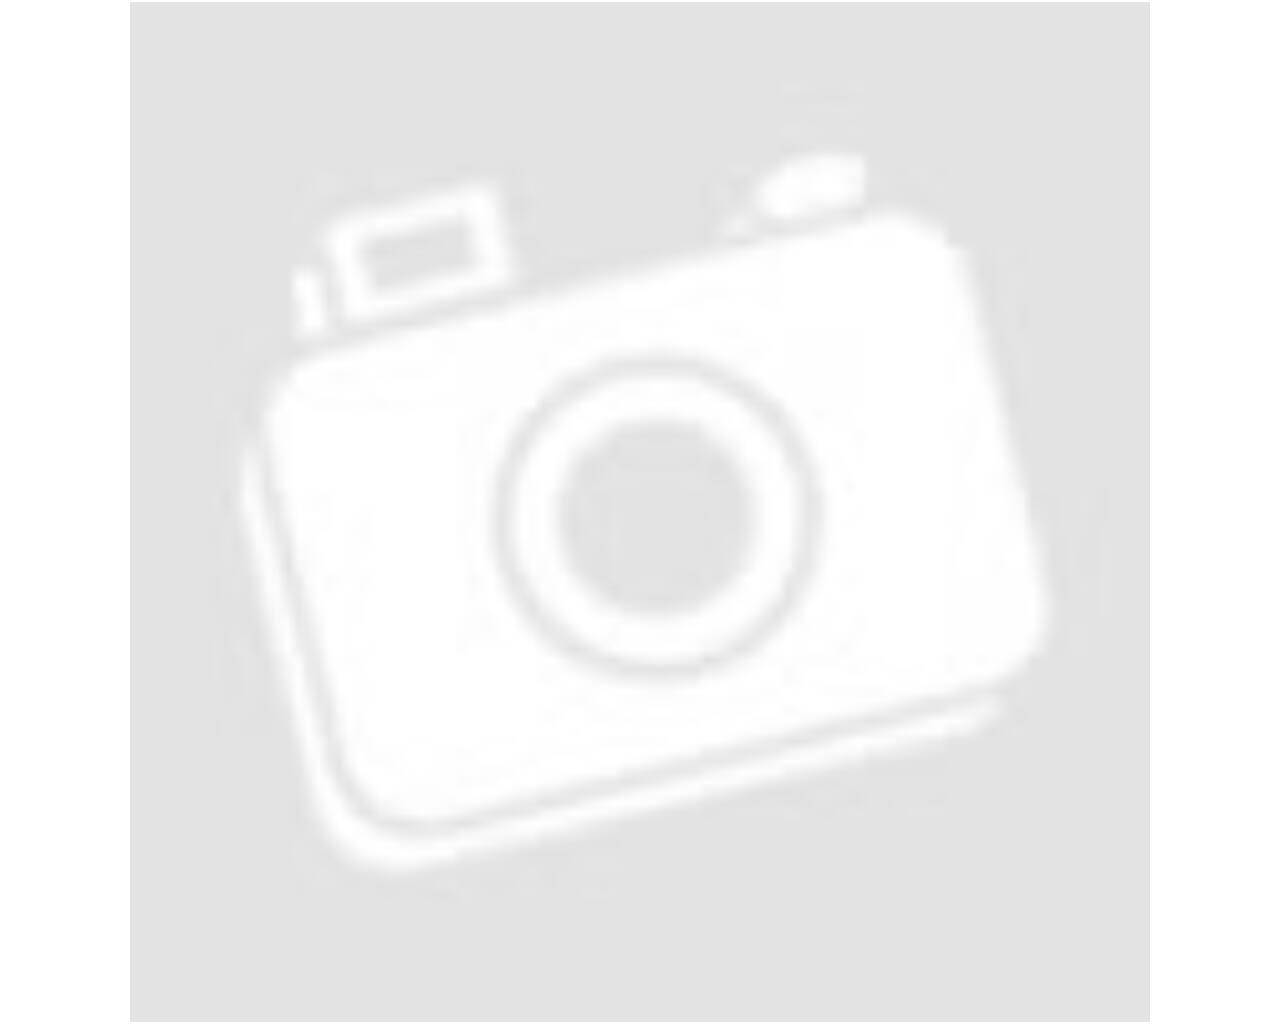 Ritmo komód, sonoma + fehér, 114.5 x 80.5 x 35 cm